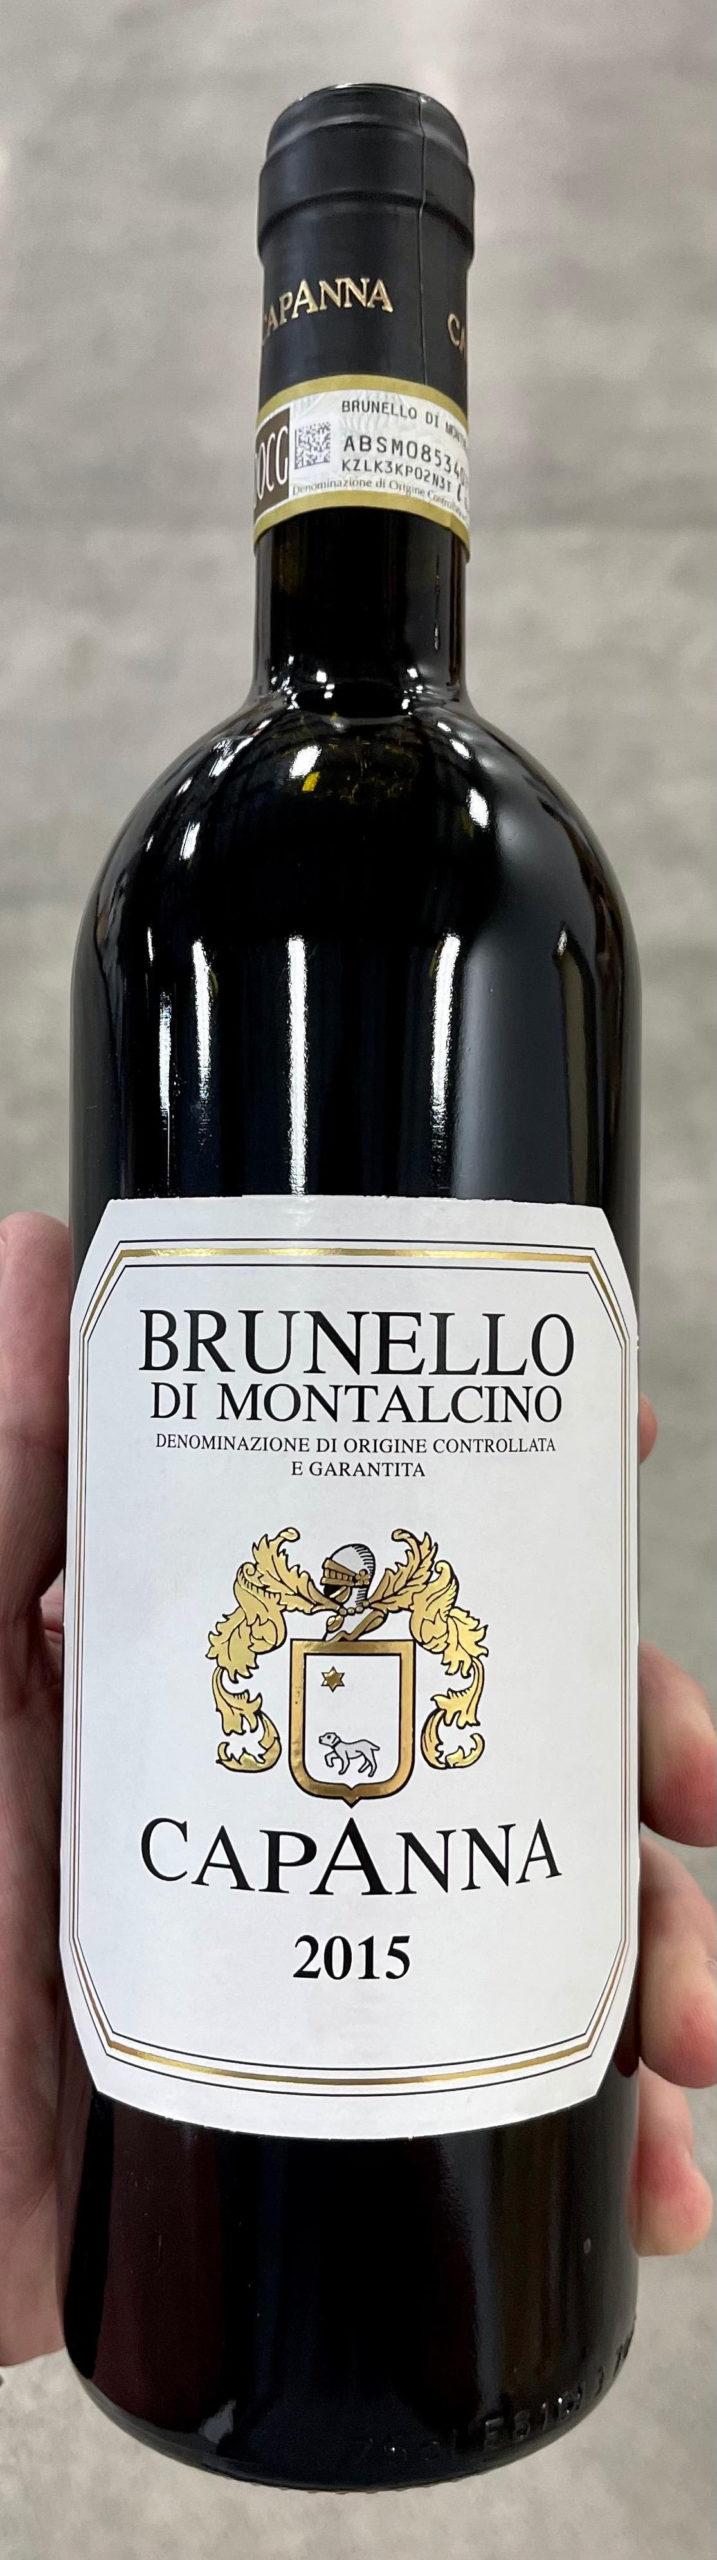 2015 Capanna Brunello Di Montalcino (96JS/95JD)